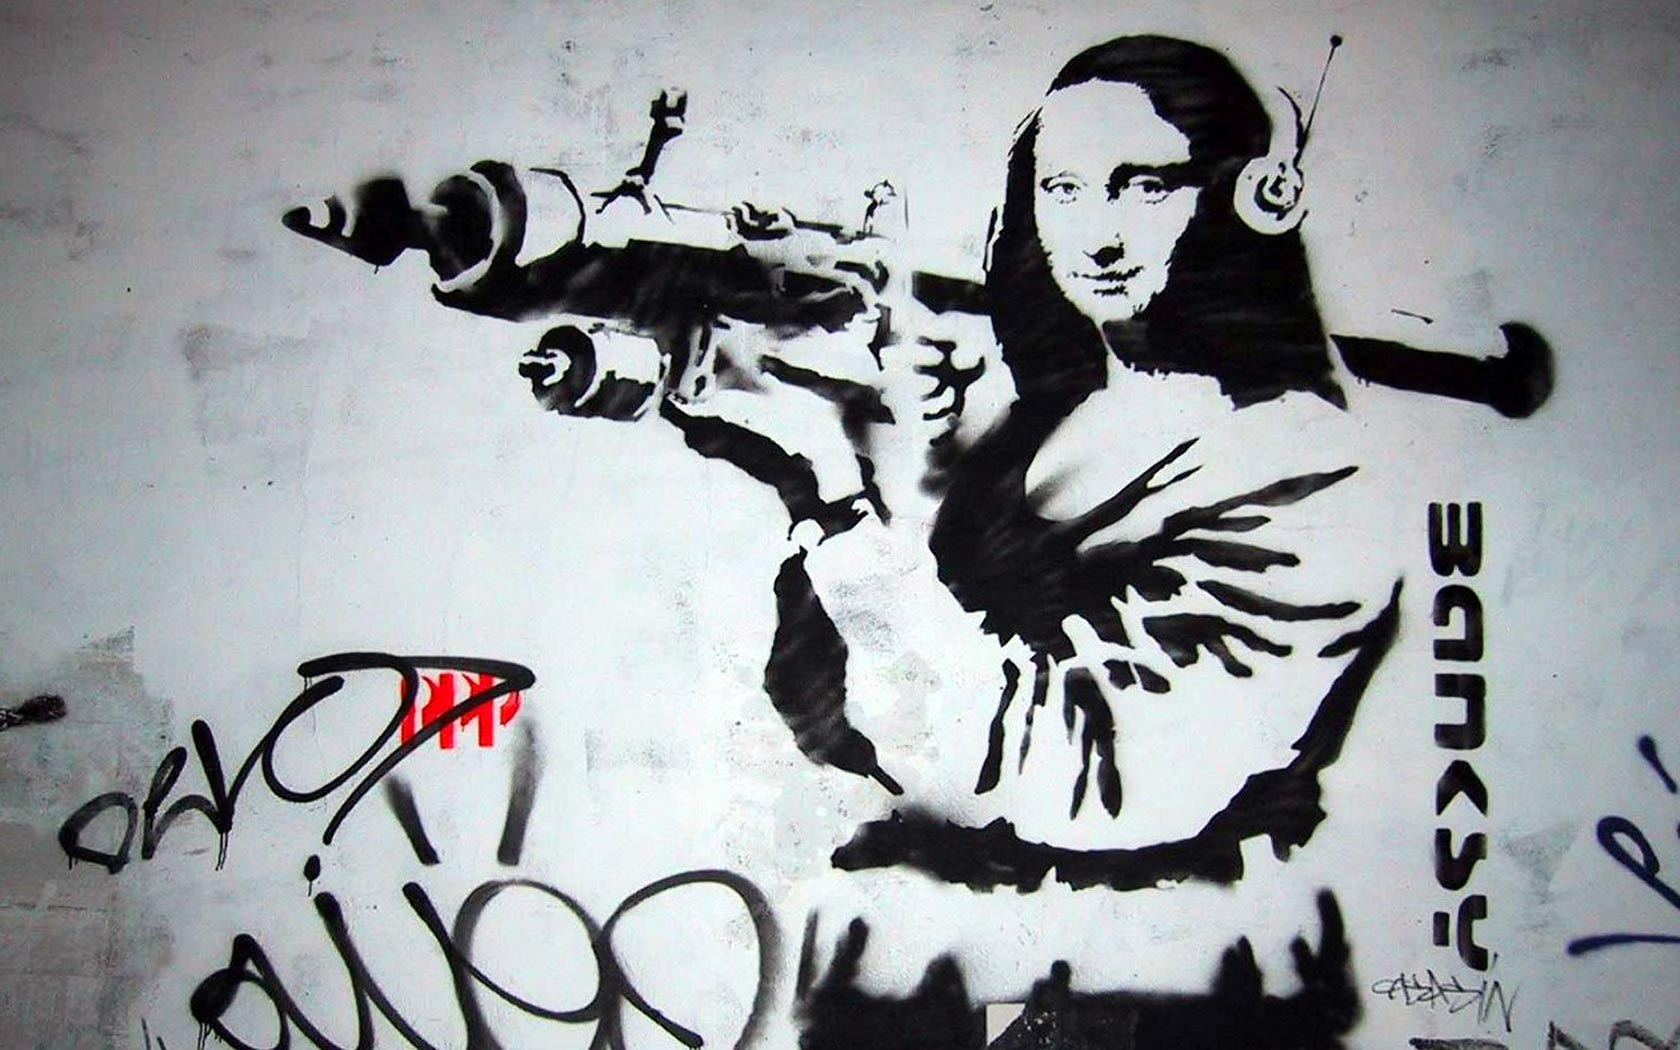 mona-bazooka-banksy-wallpaper.jpg